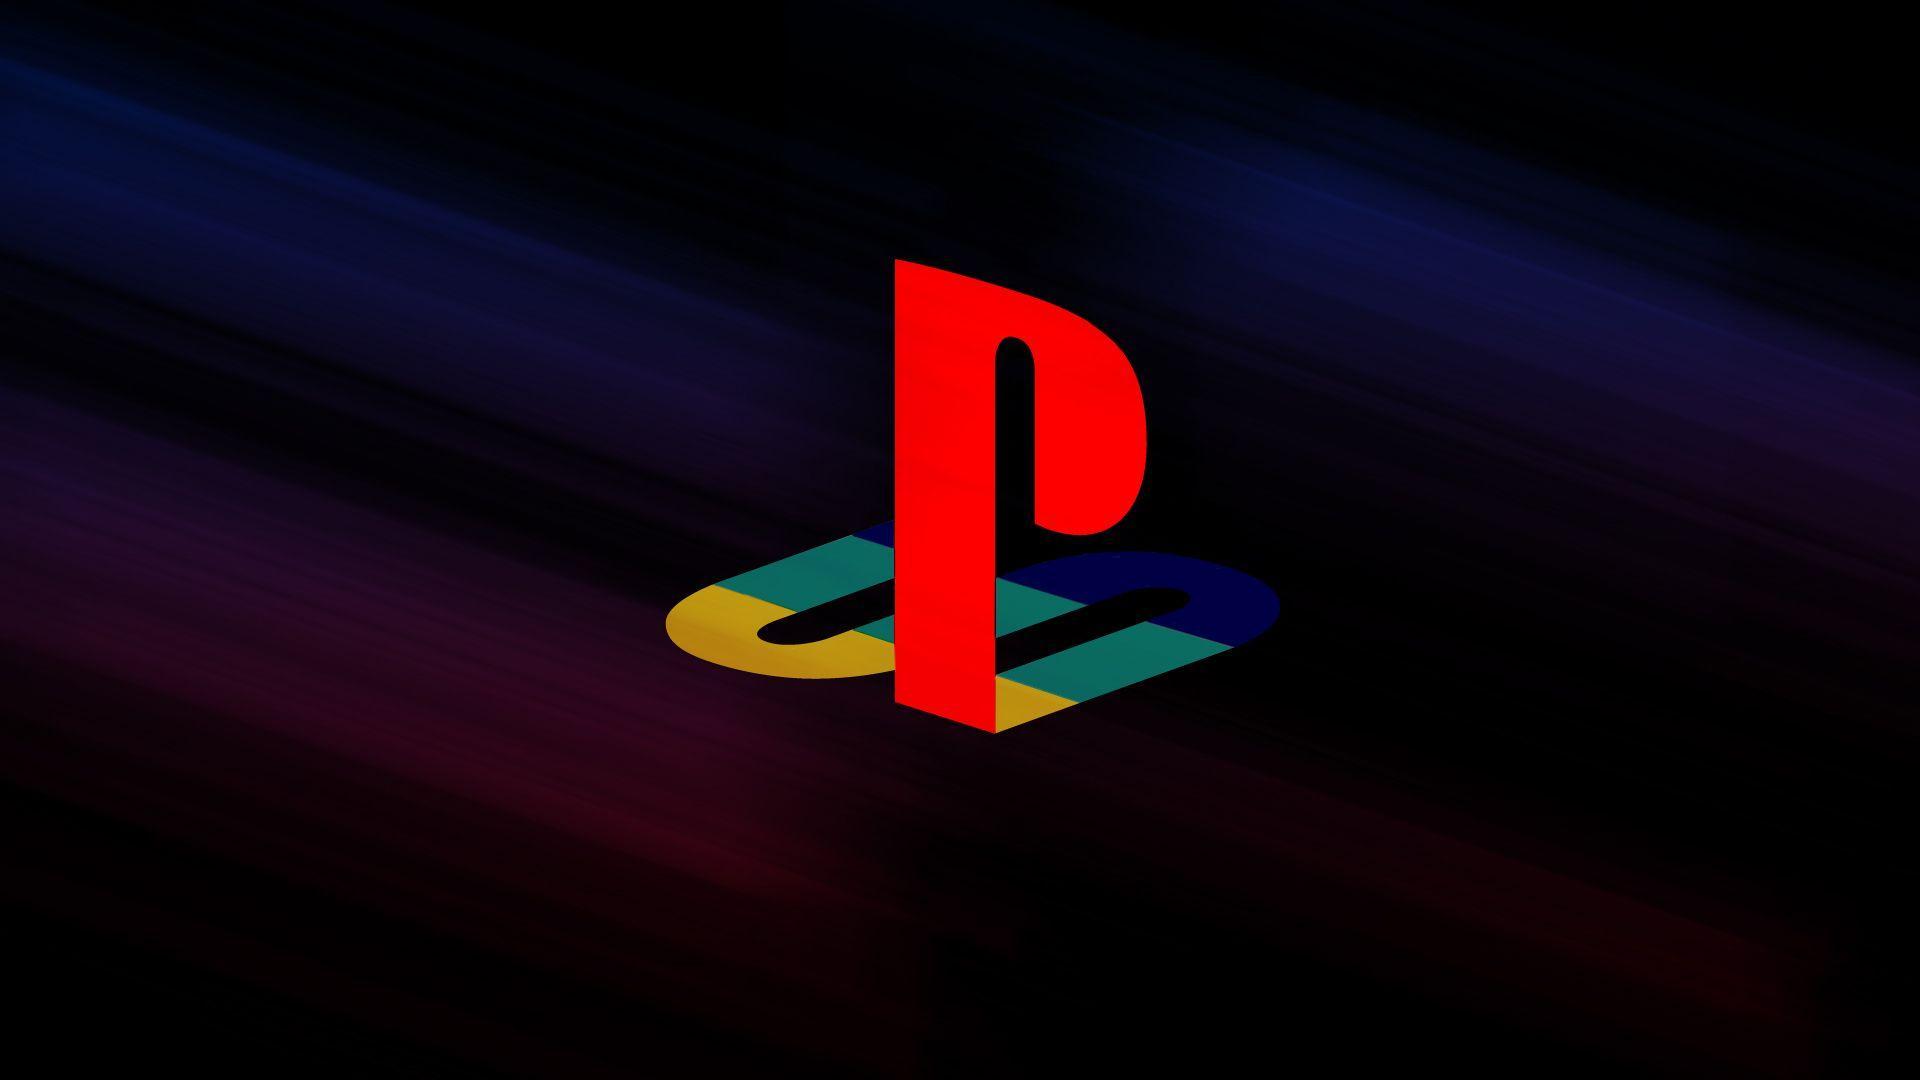 sarà possibile acquistare giochi per playstation al di fuori del psn